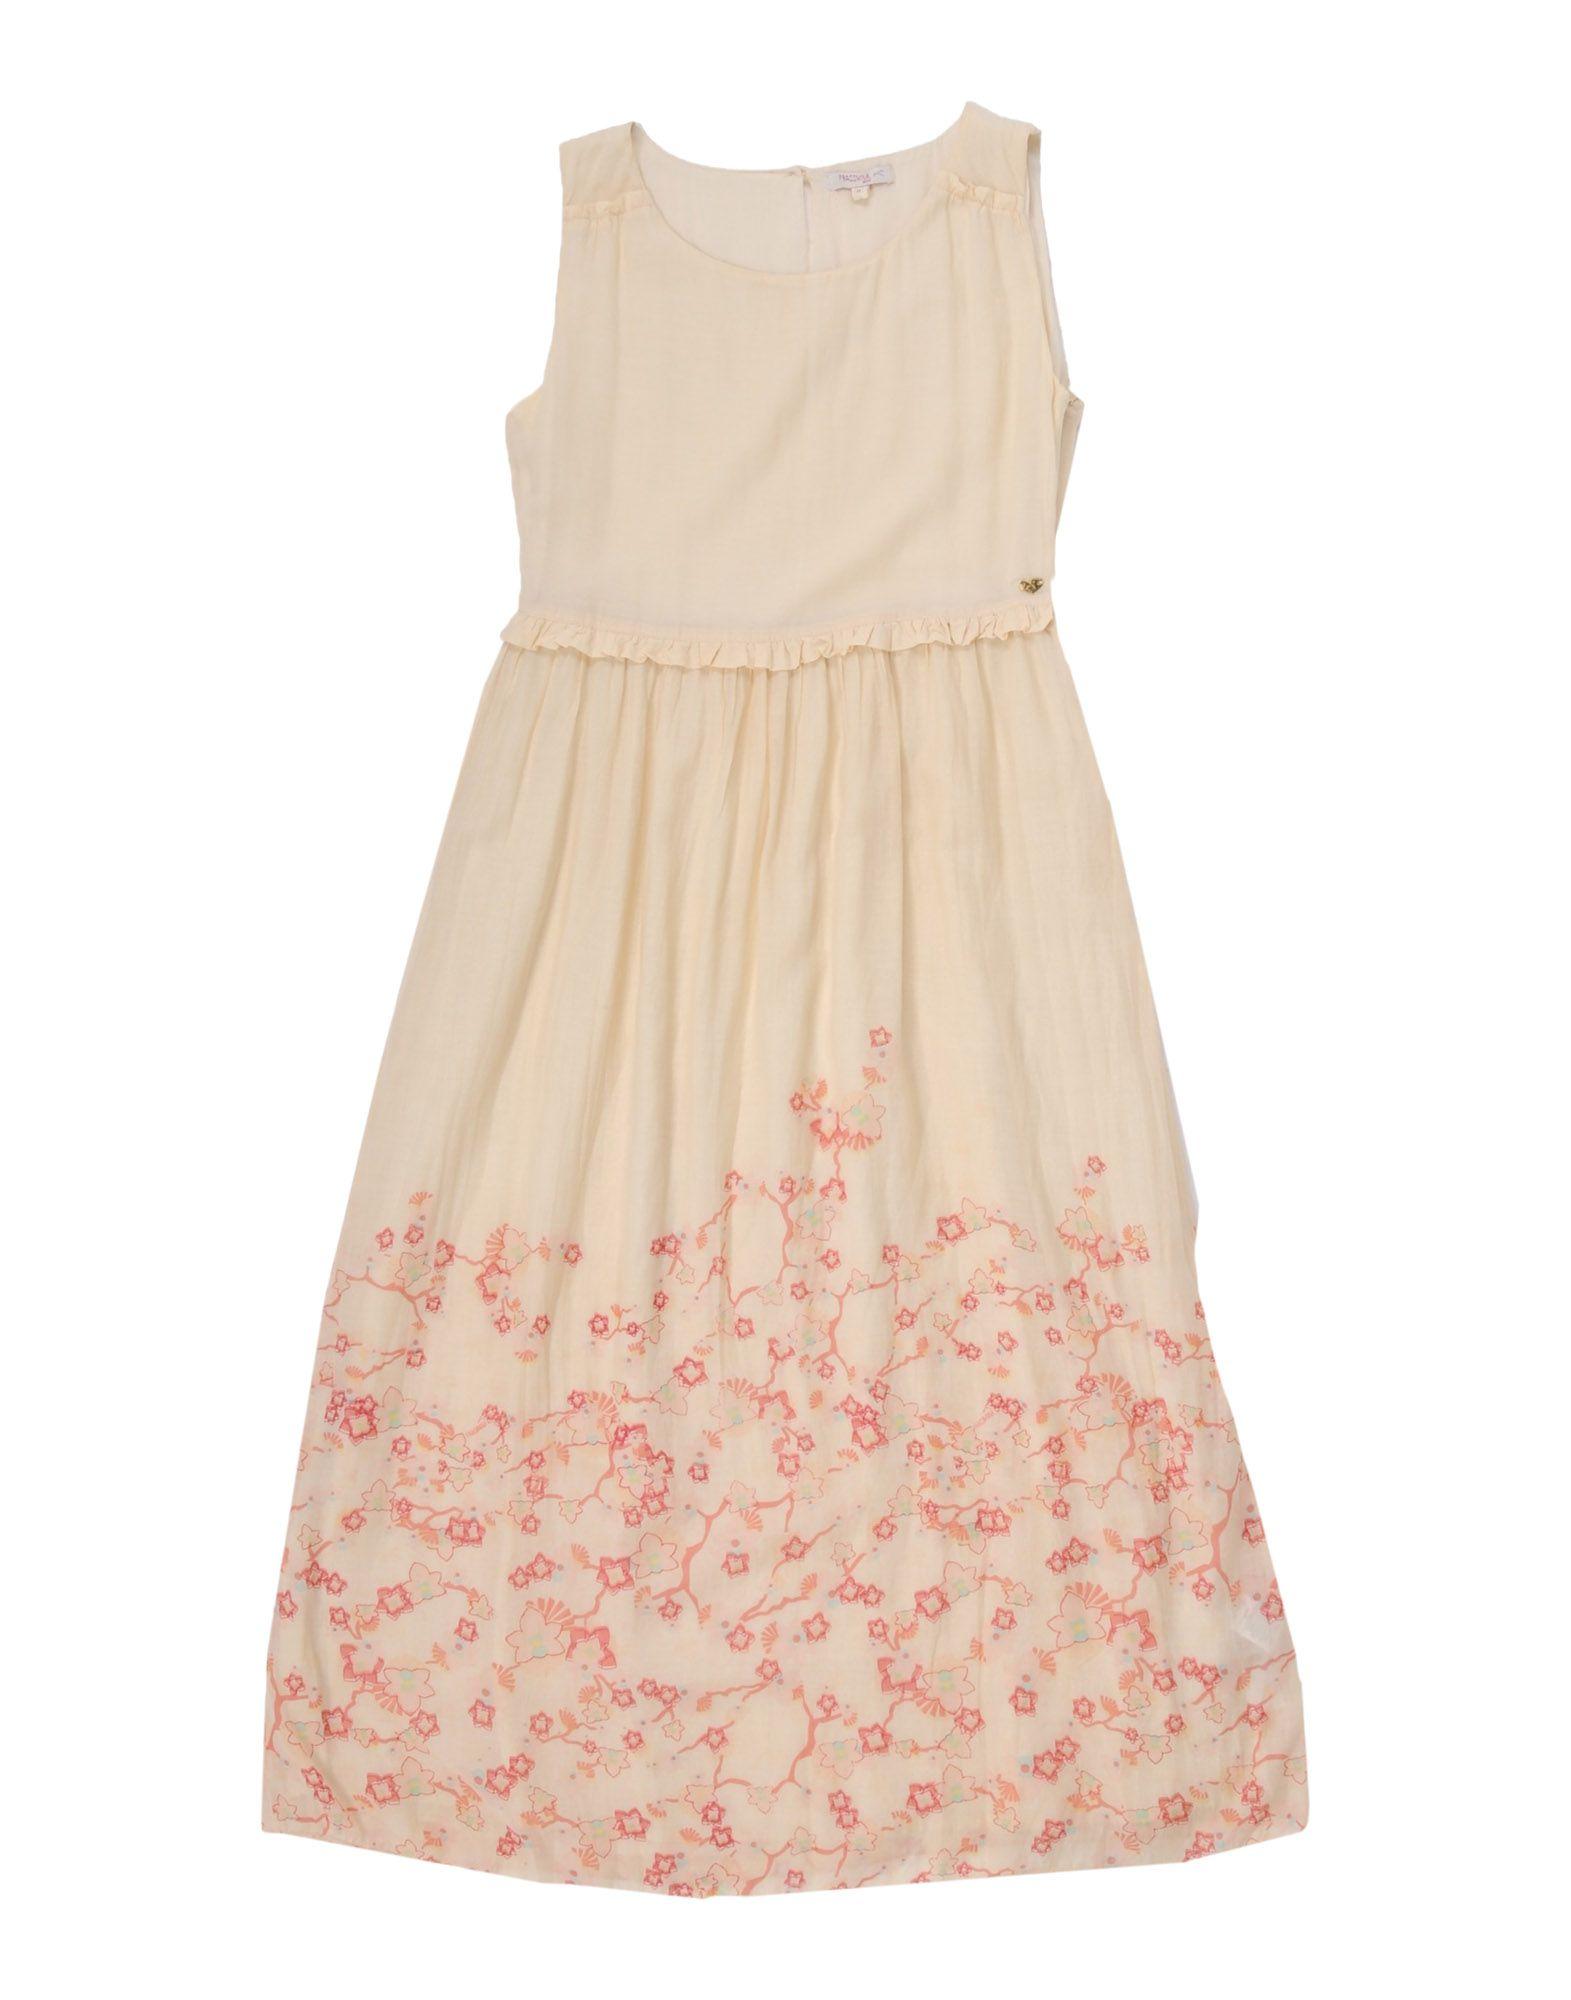 FRACOMINA MINI Dresses